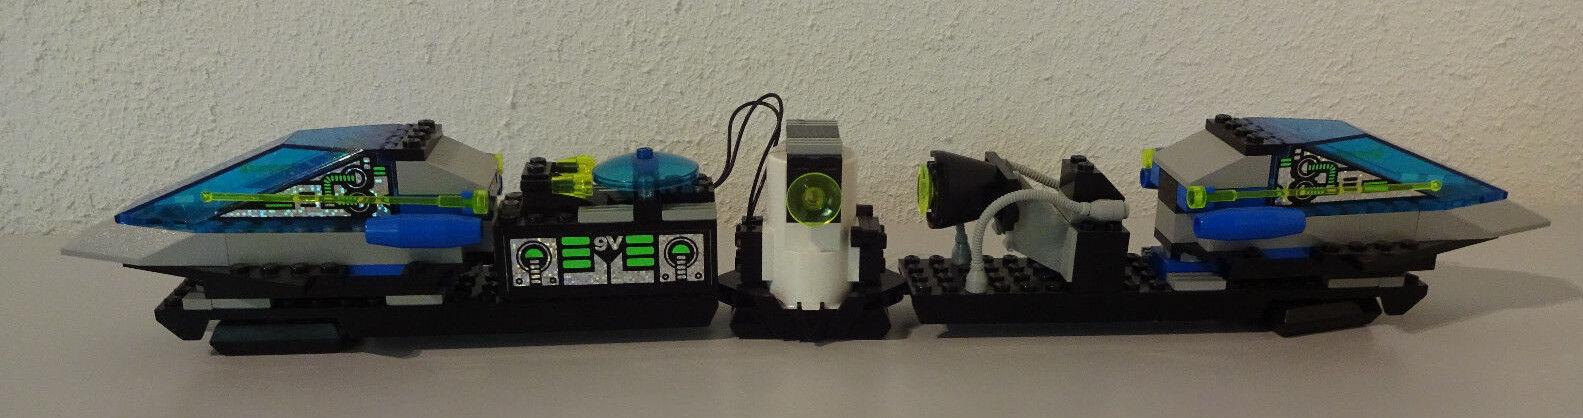 (G11) Lego 6399 6990 6691 Mongoldtaia Mongoldtaia Mongoldtaia Aeroporto Shuttle 9 Volt Selezione solo il 5e7e9c